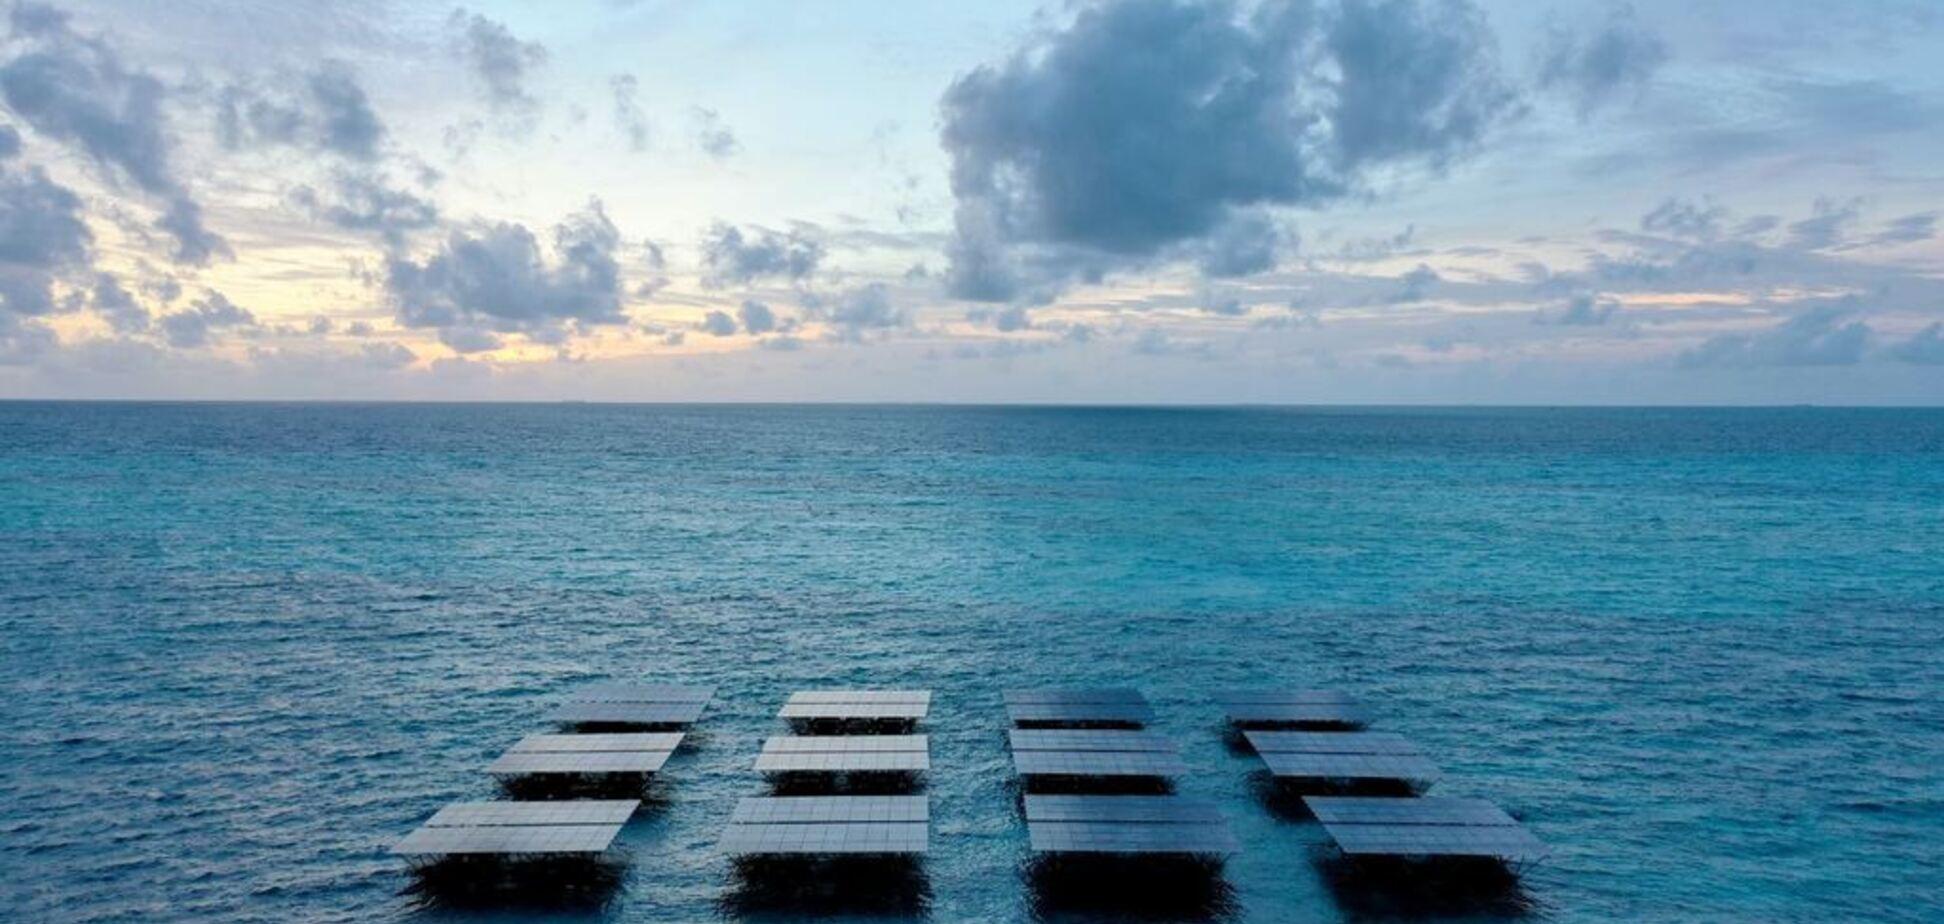 Самая большая в мире: в Индийском океане построили плавучую электростанцию